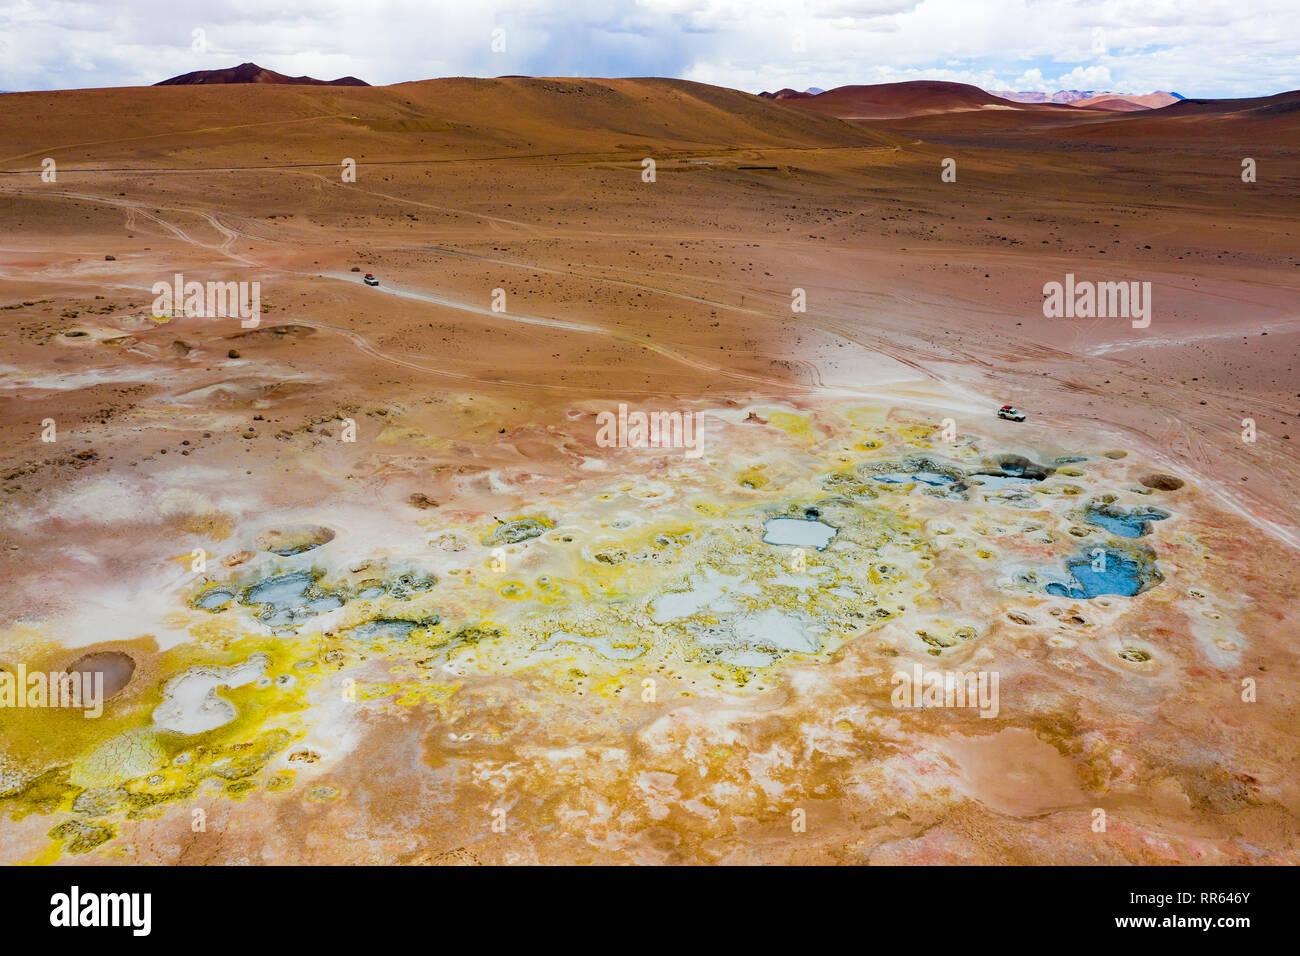 Luftaufnahme, bunte Schlammloecher des Geothermalgebiets Sol de Mañana in Potosi, Bolivien aus der Luft fotografiert - Stock Image